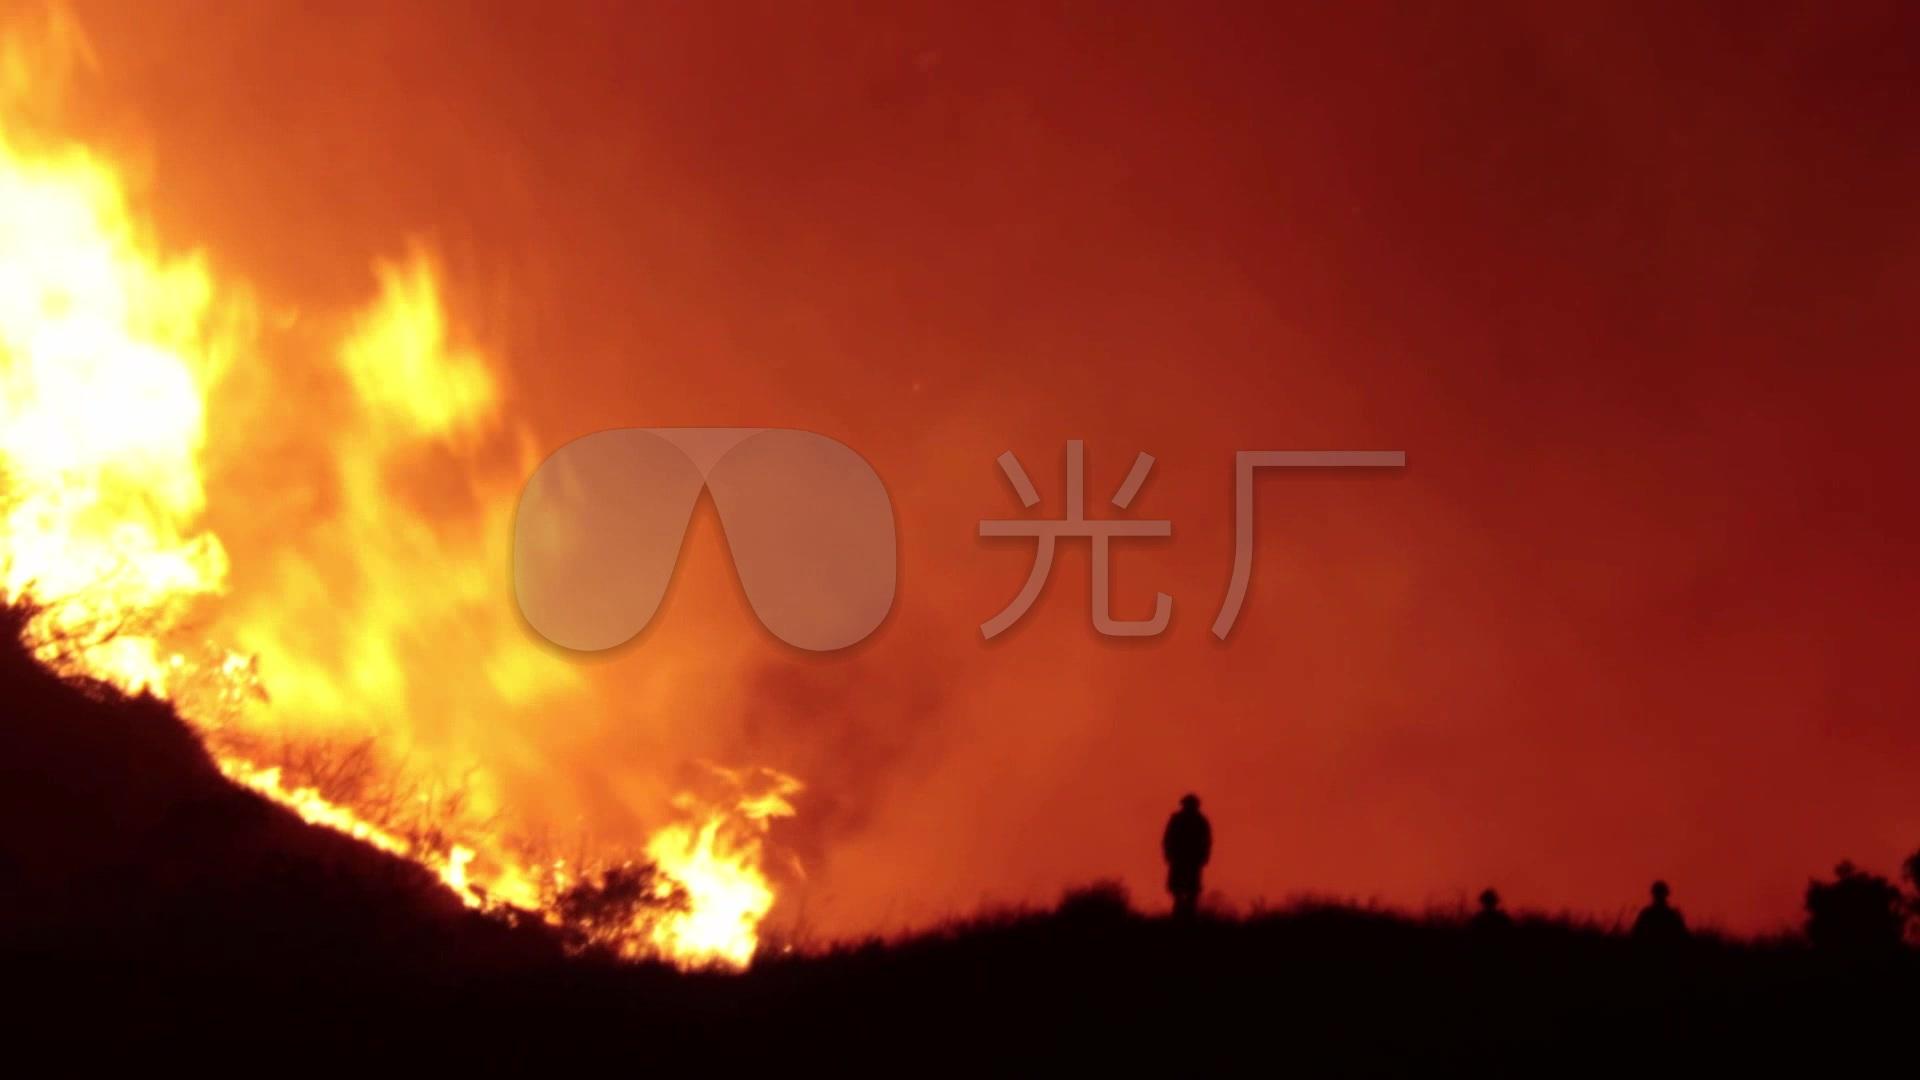 森林火灾森林大火消防员灭火图片